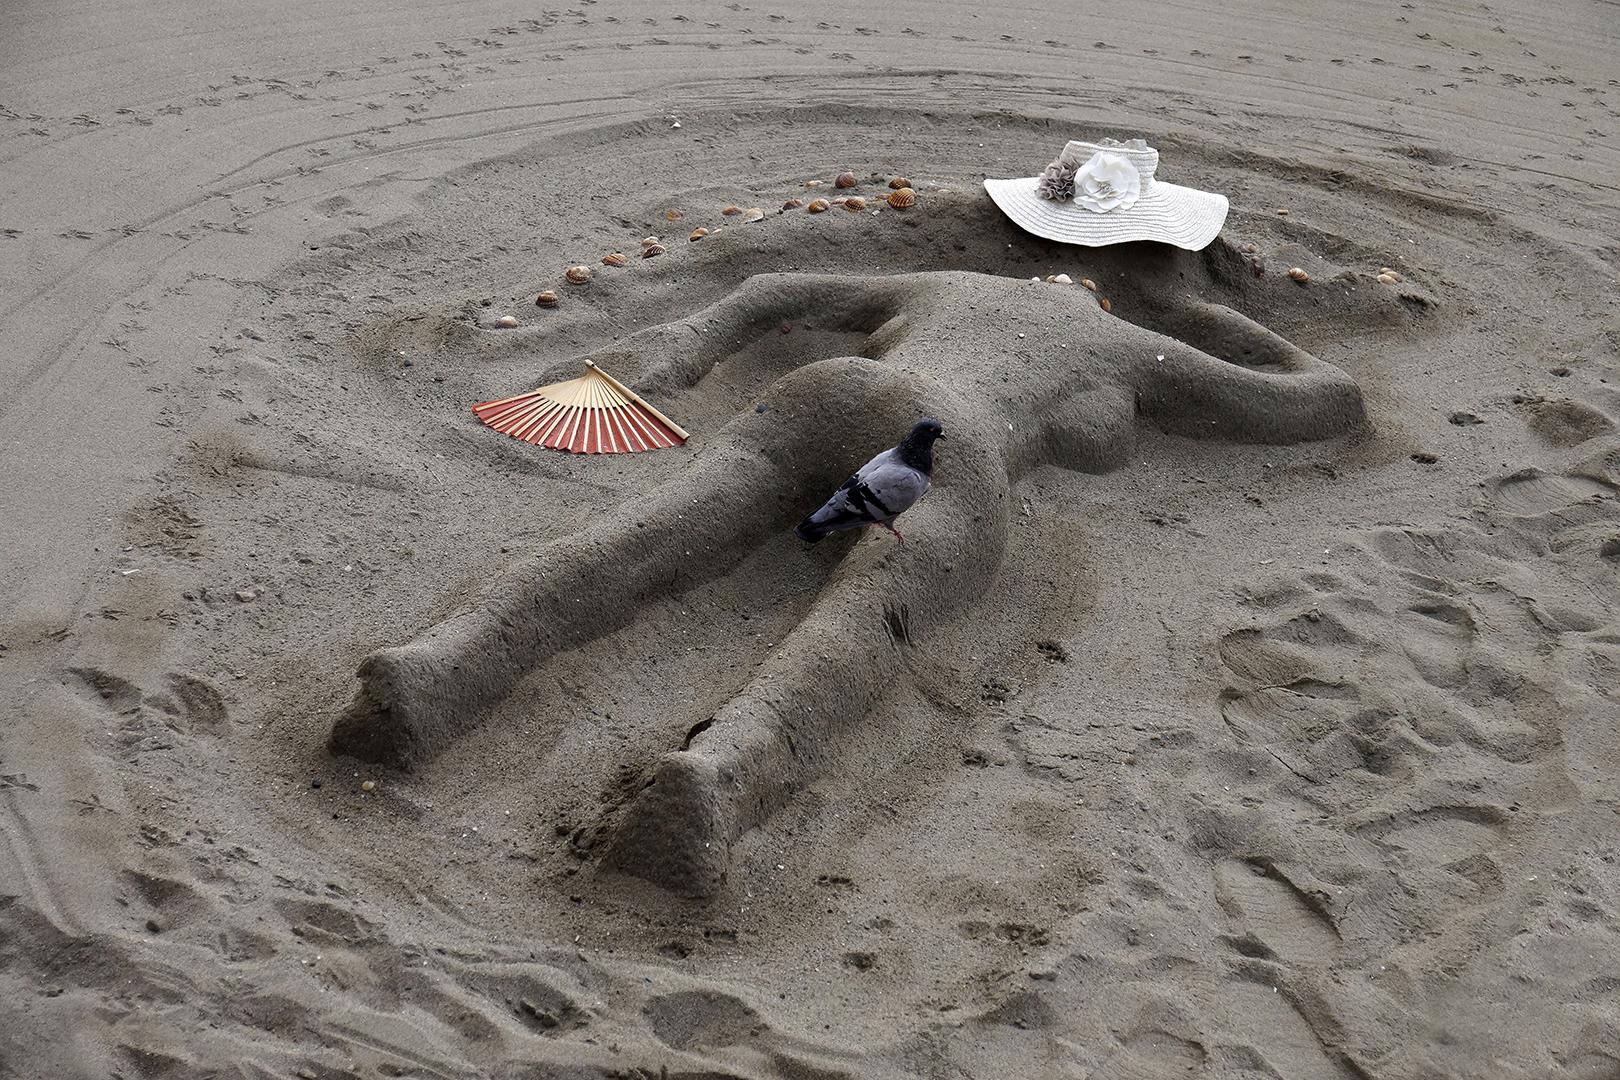 Al Tilson – On the Beach – 3RD